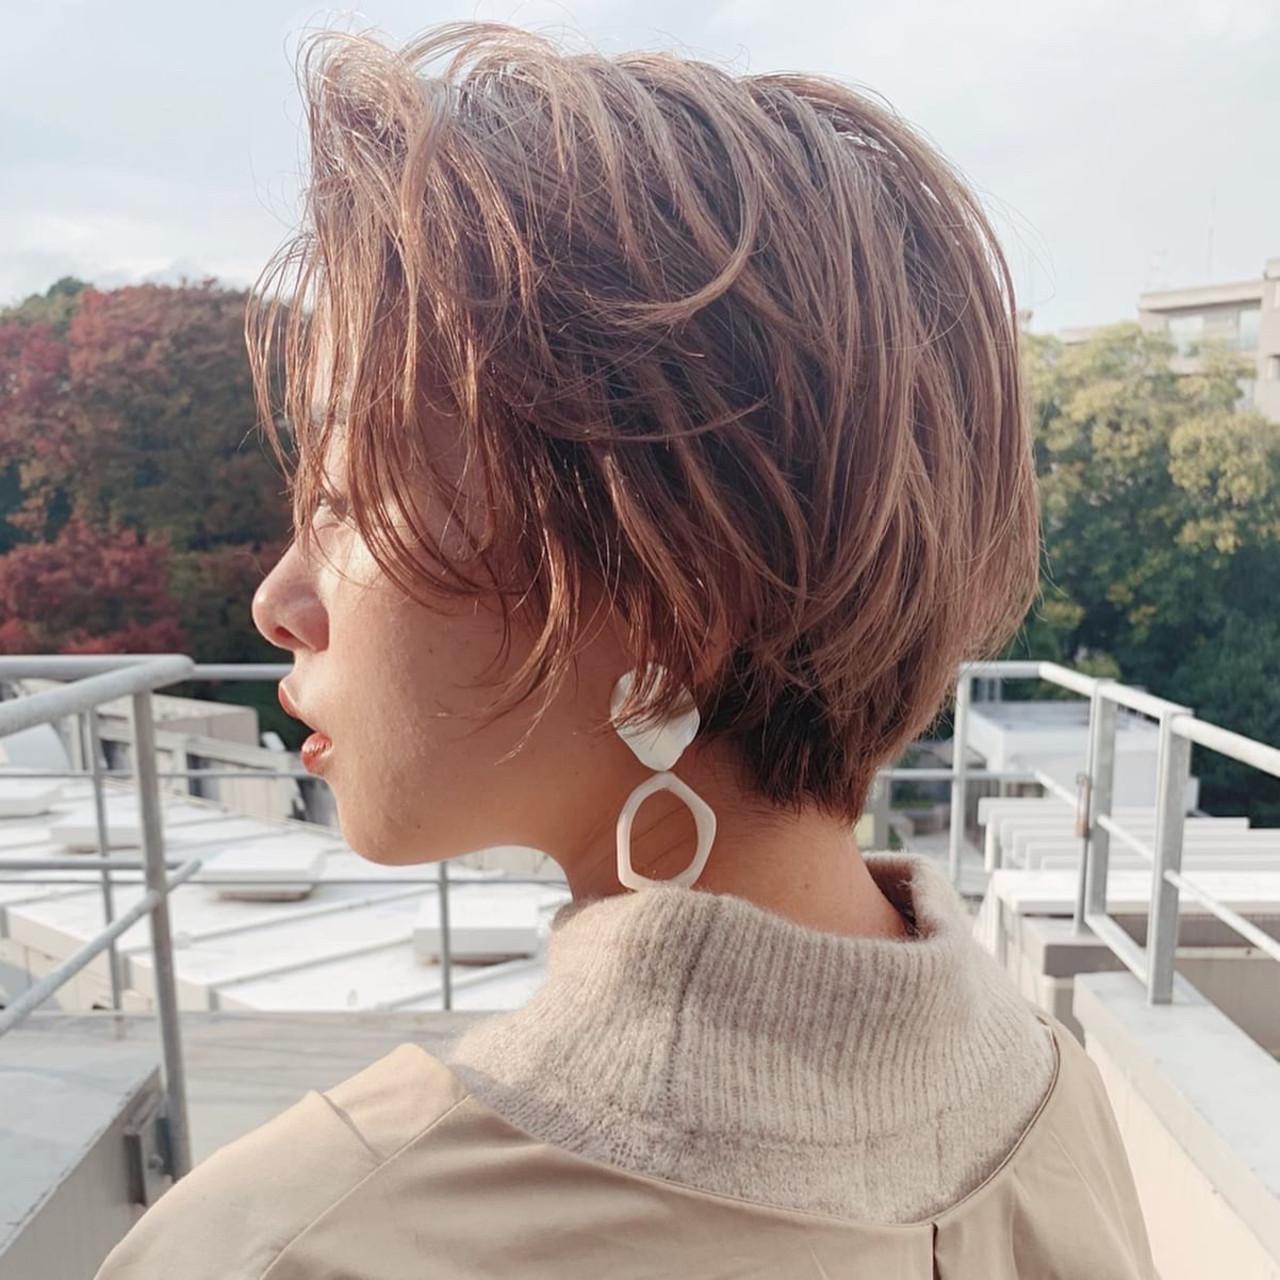 ショート ミニボブ モード ショートヘア ヘアスタイルや髪型の写真・画像 | lora.garden 英太 /  lora.garden